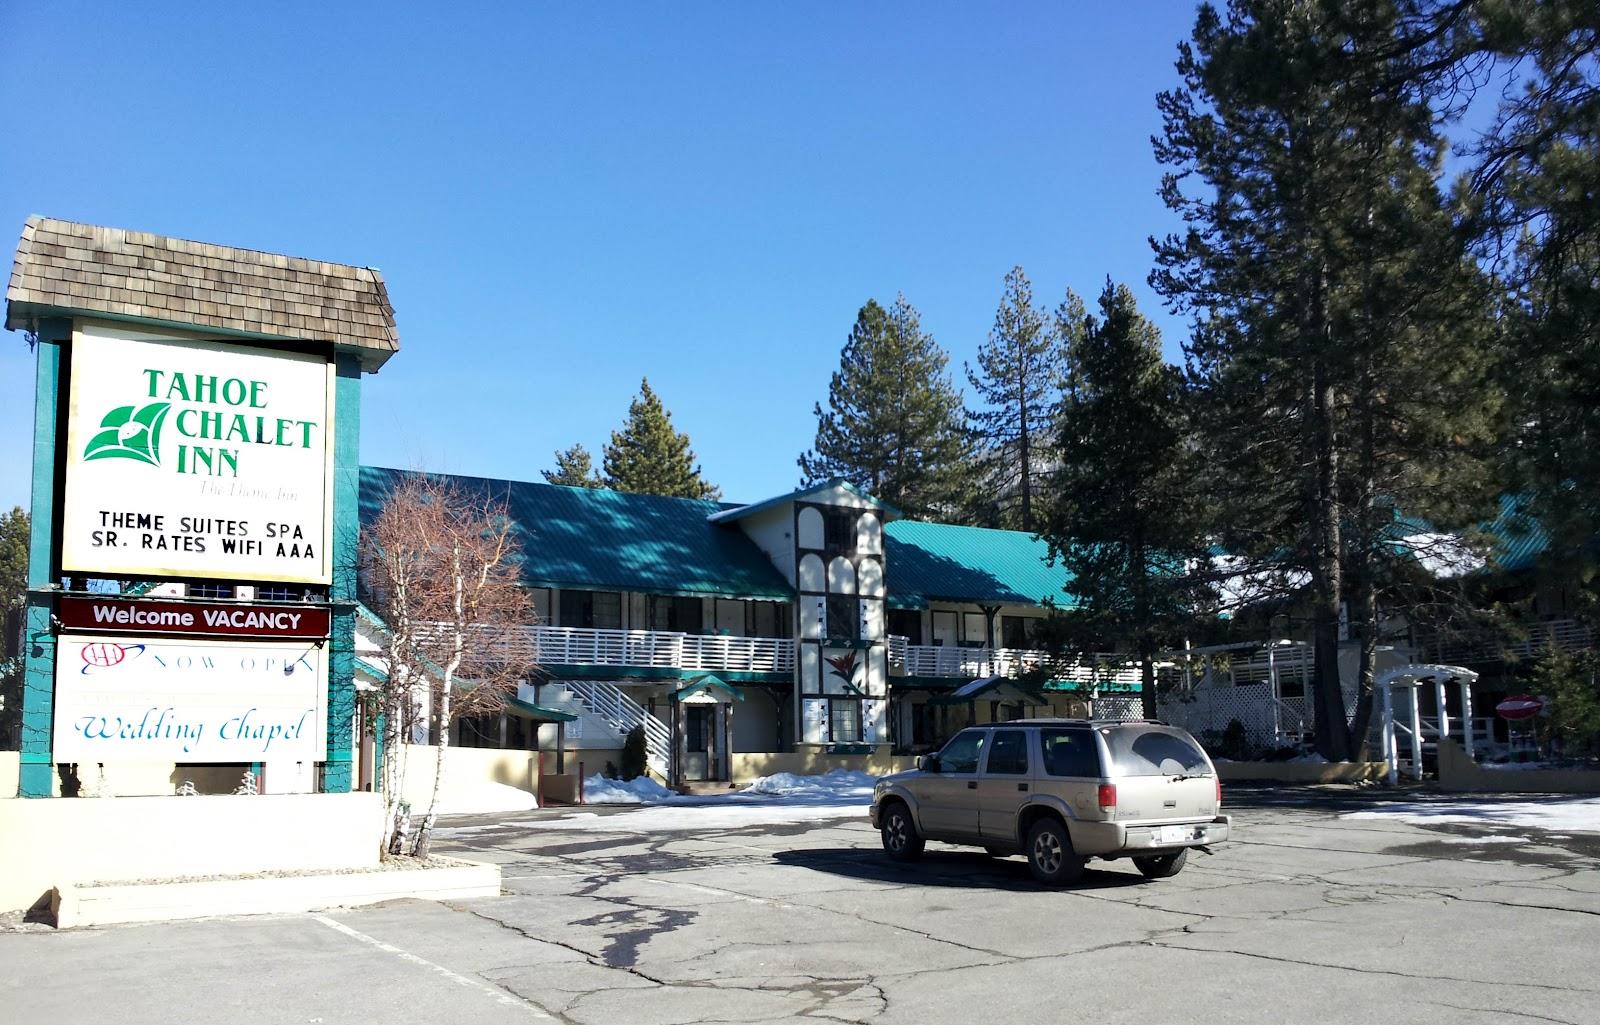 Fabulous Lake Tahoe Romantic Weekend In Tahoe Planner